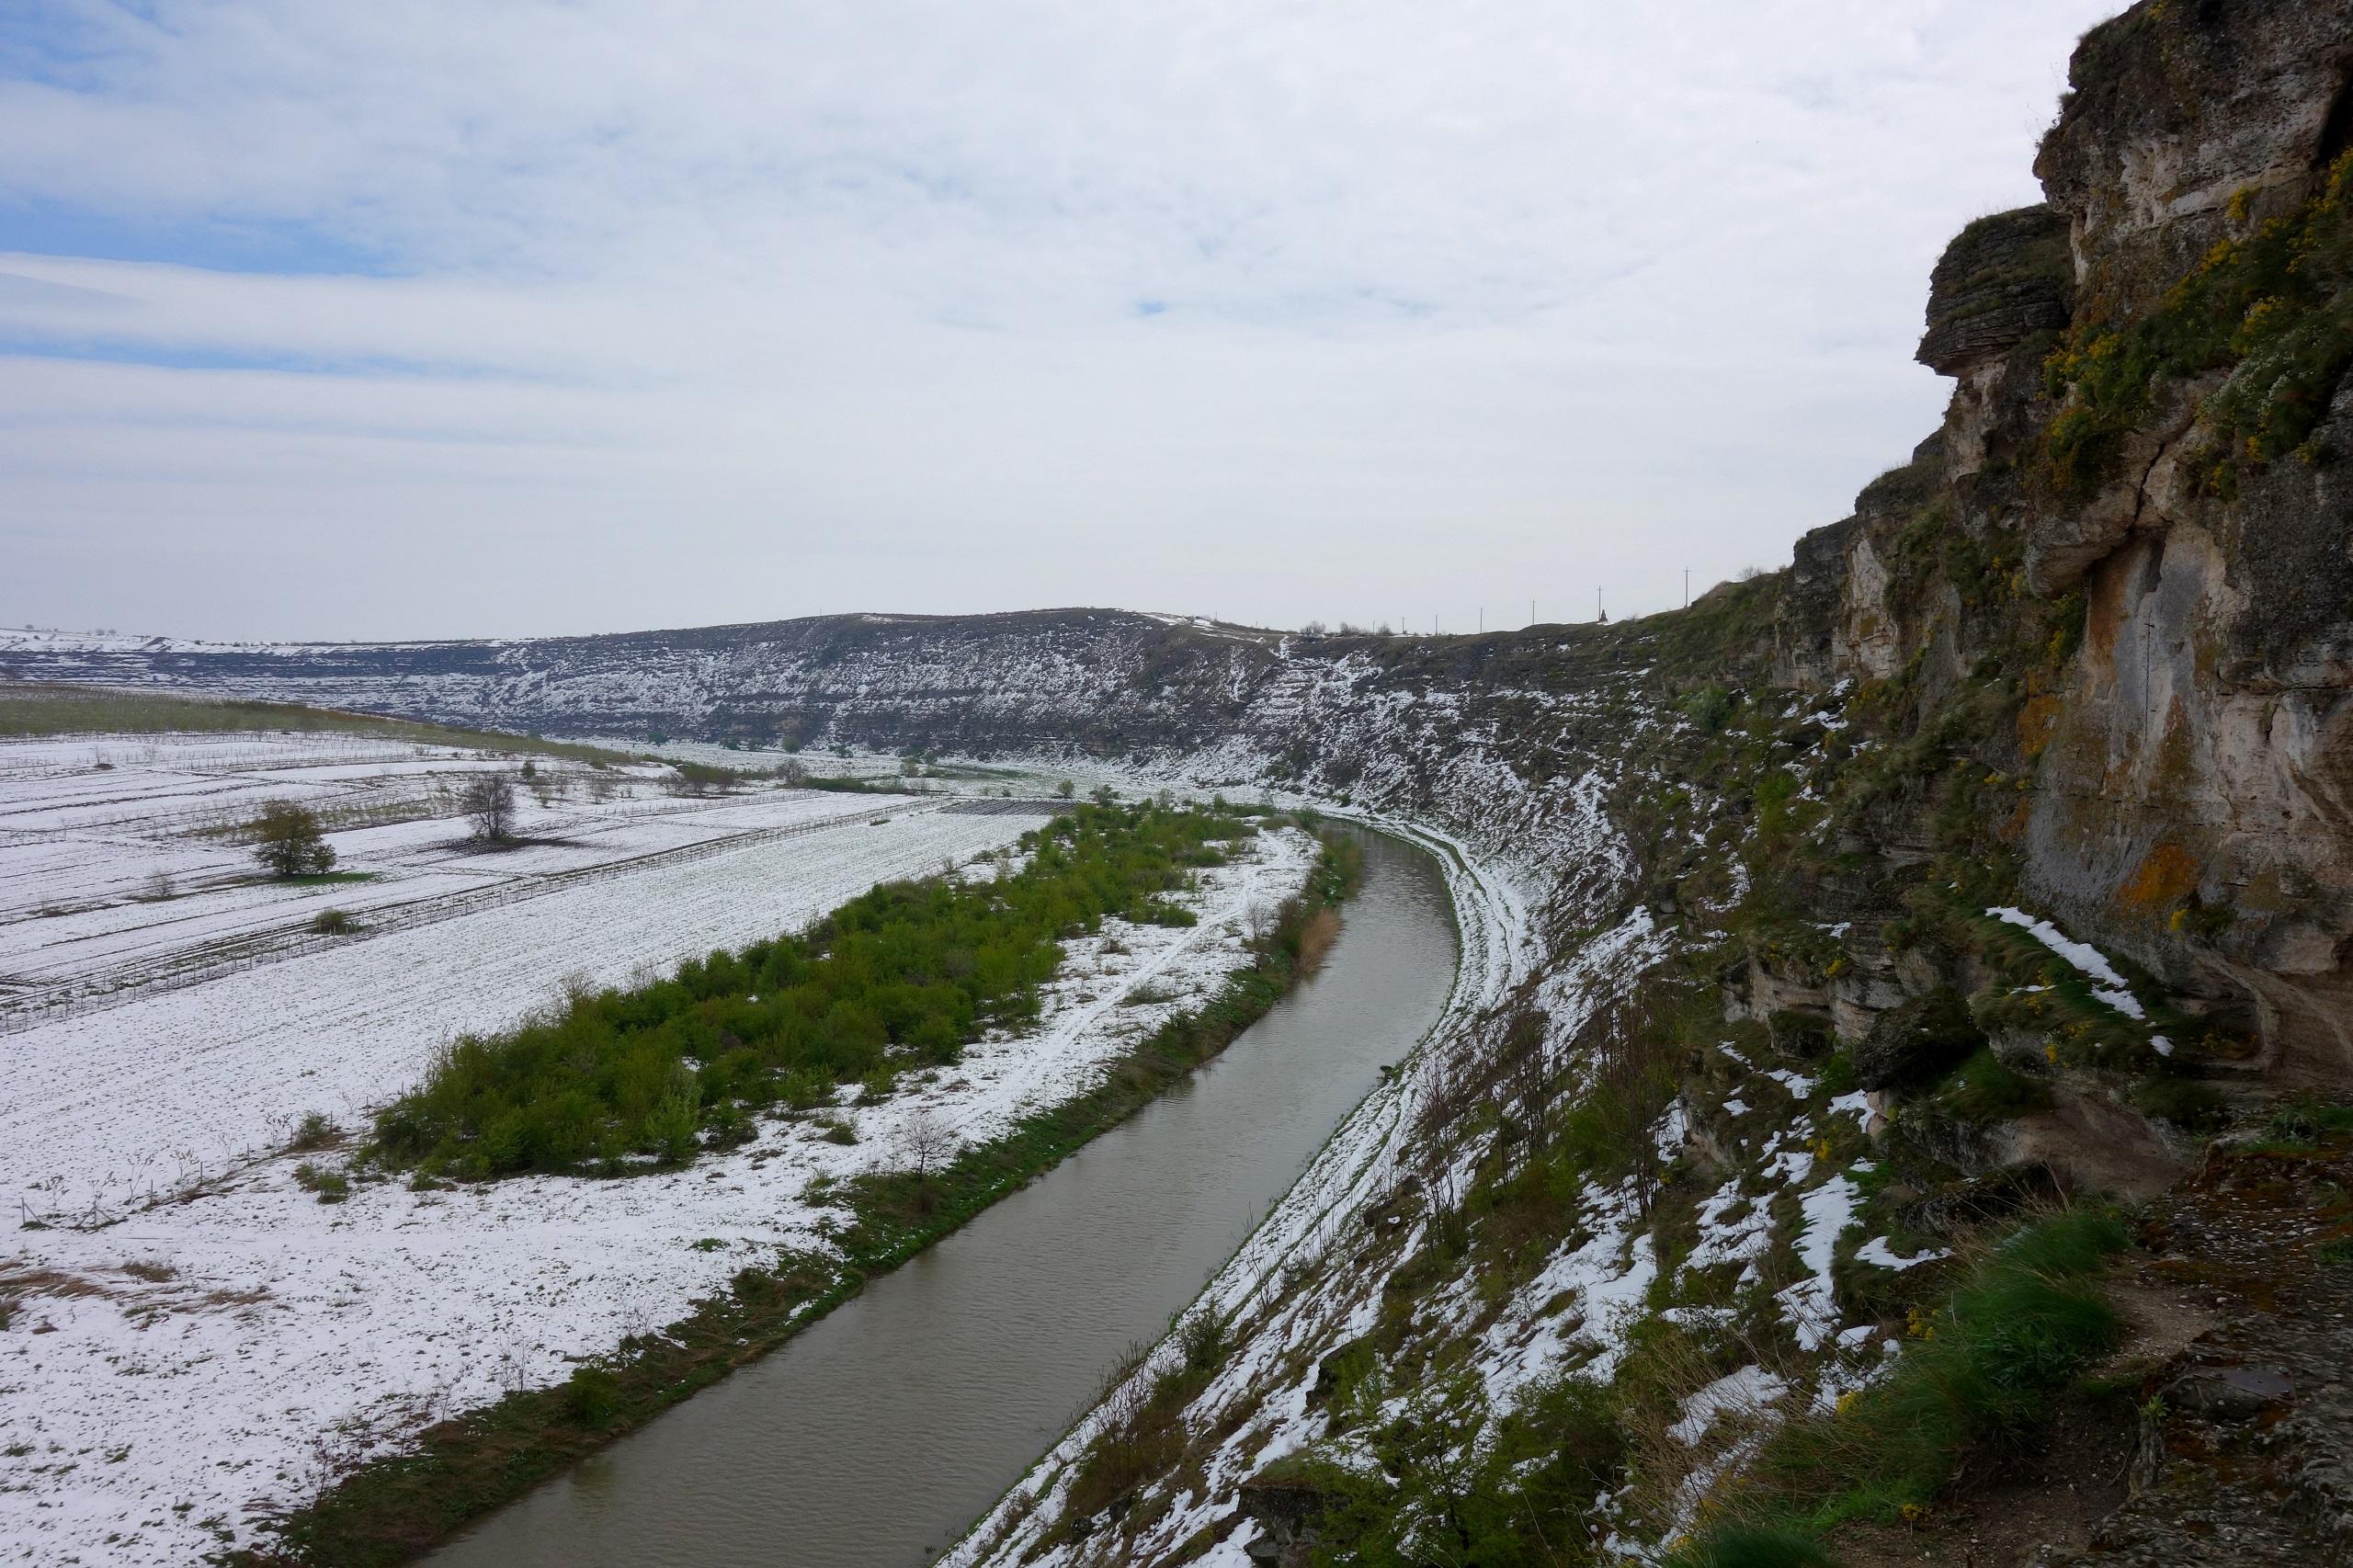 Stare Orhei - dolina otoczona górami, przez którą przepływa rzeka Răut